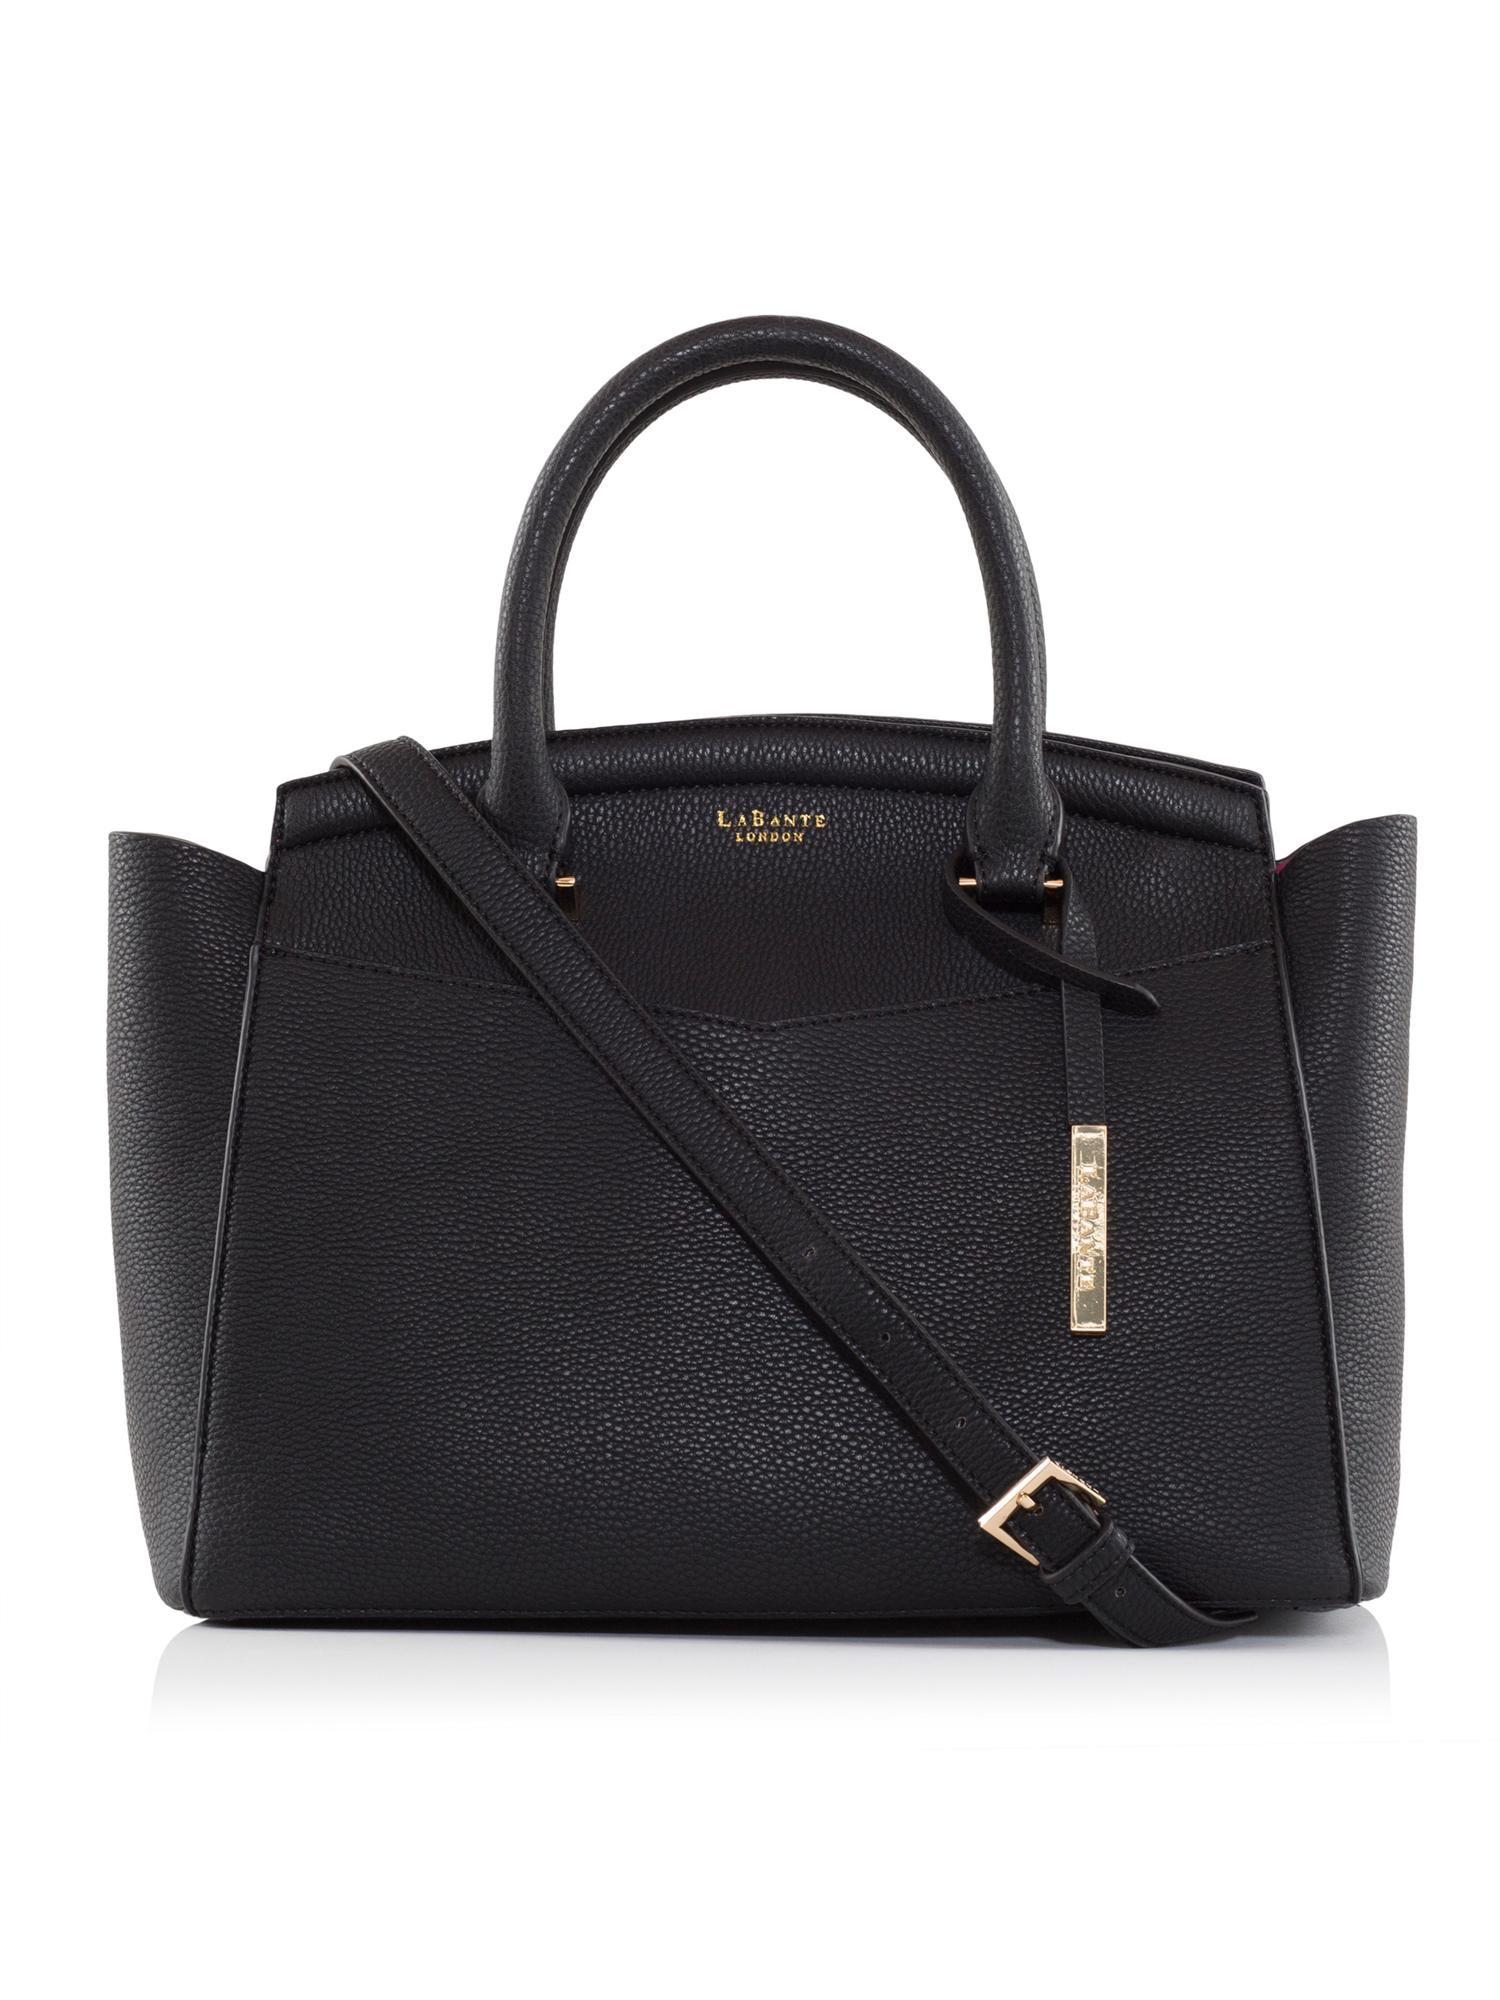 8843cc8a9 Vegan Handbags, Tote Handbags, Purses And Handbags, Mercury Black, Vegan  Fashion,